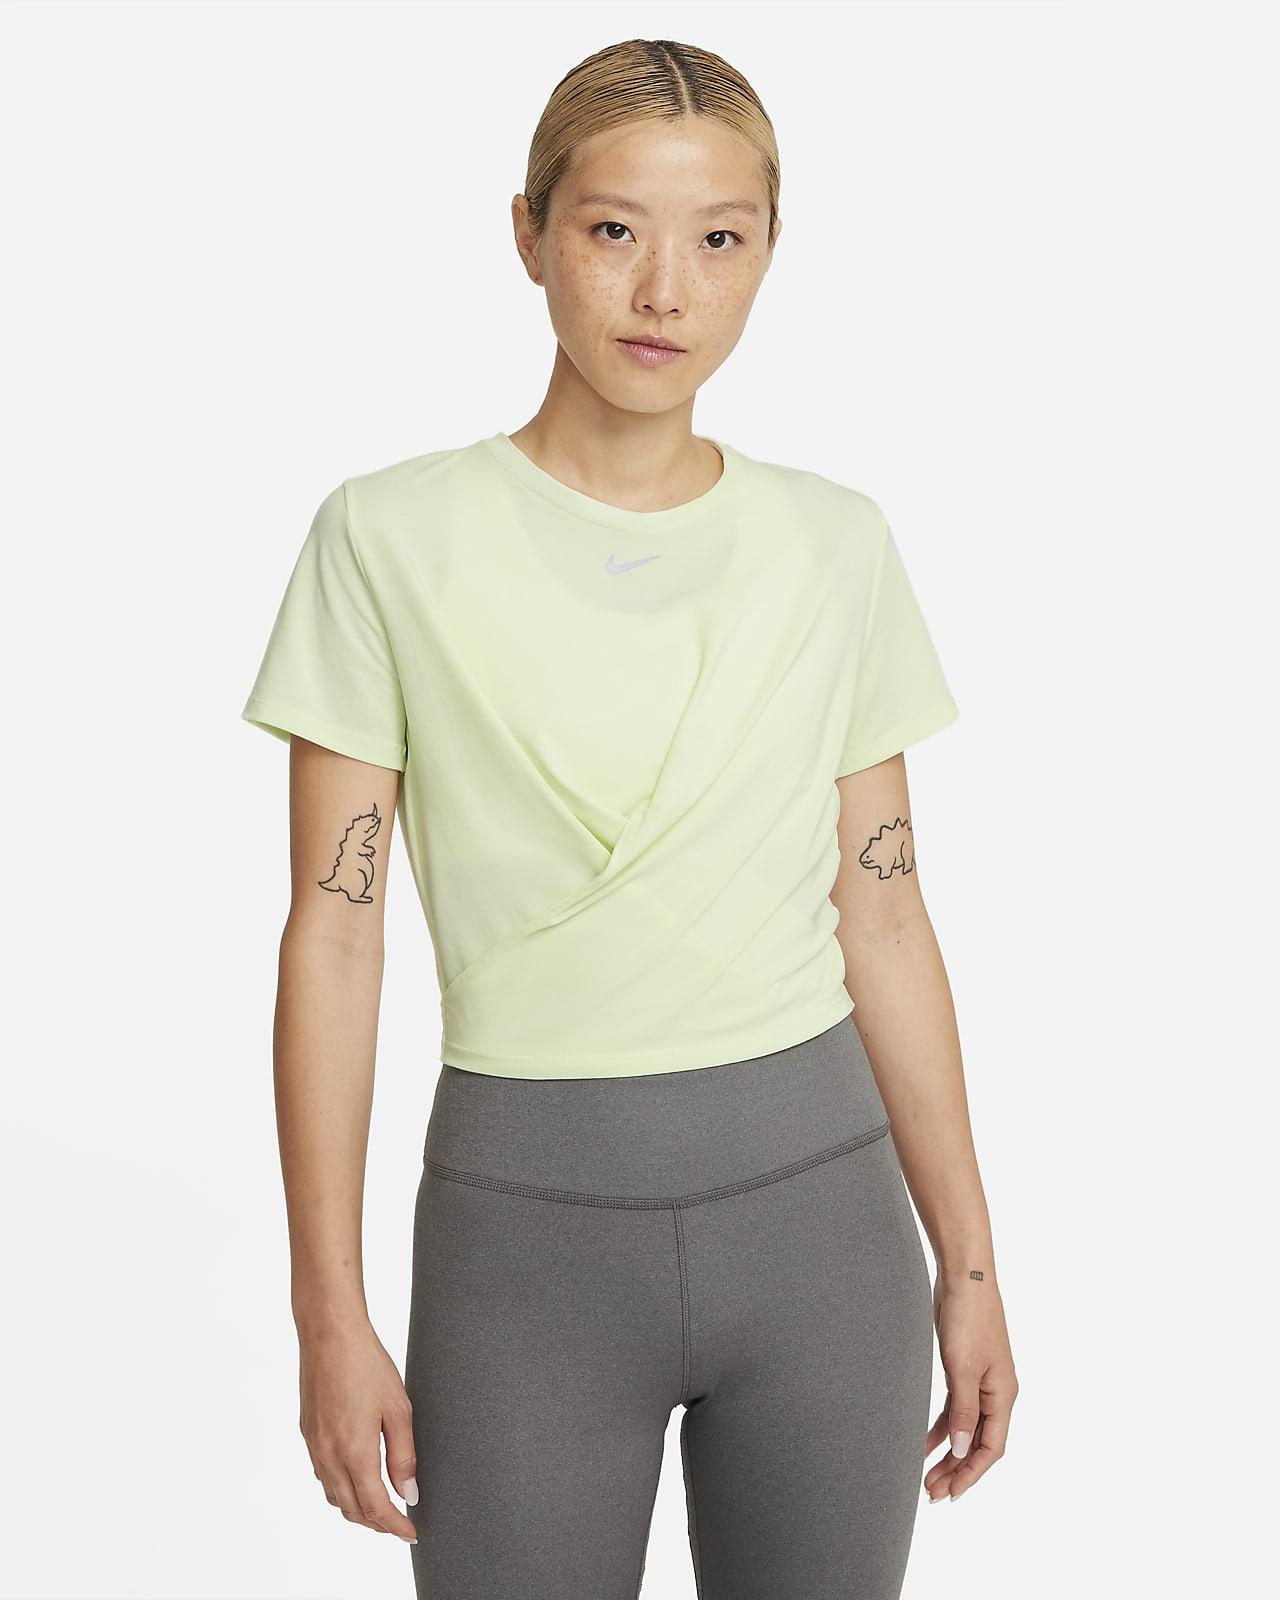 เสื้อแขนสั้นผู้หญิงทรงมาตรฐานแบบมีลูกเล่น Nike Dri-FIT One Luxe